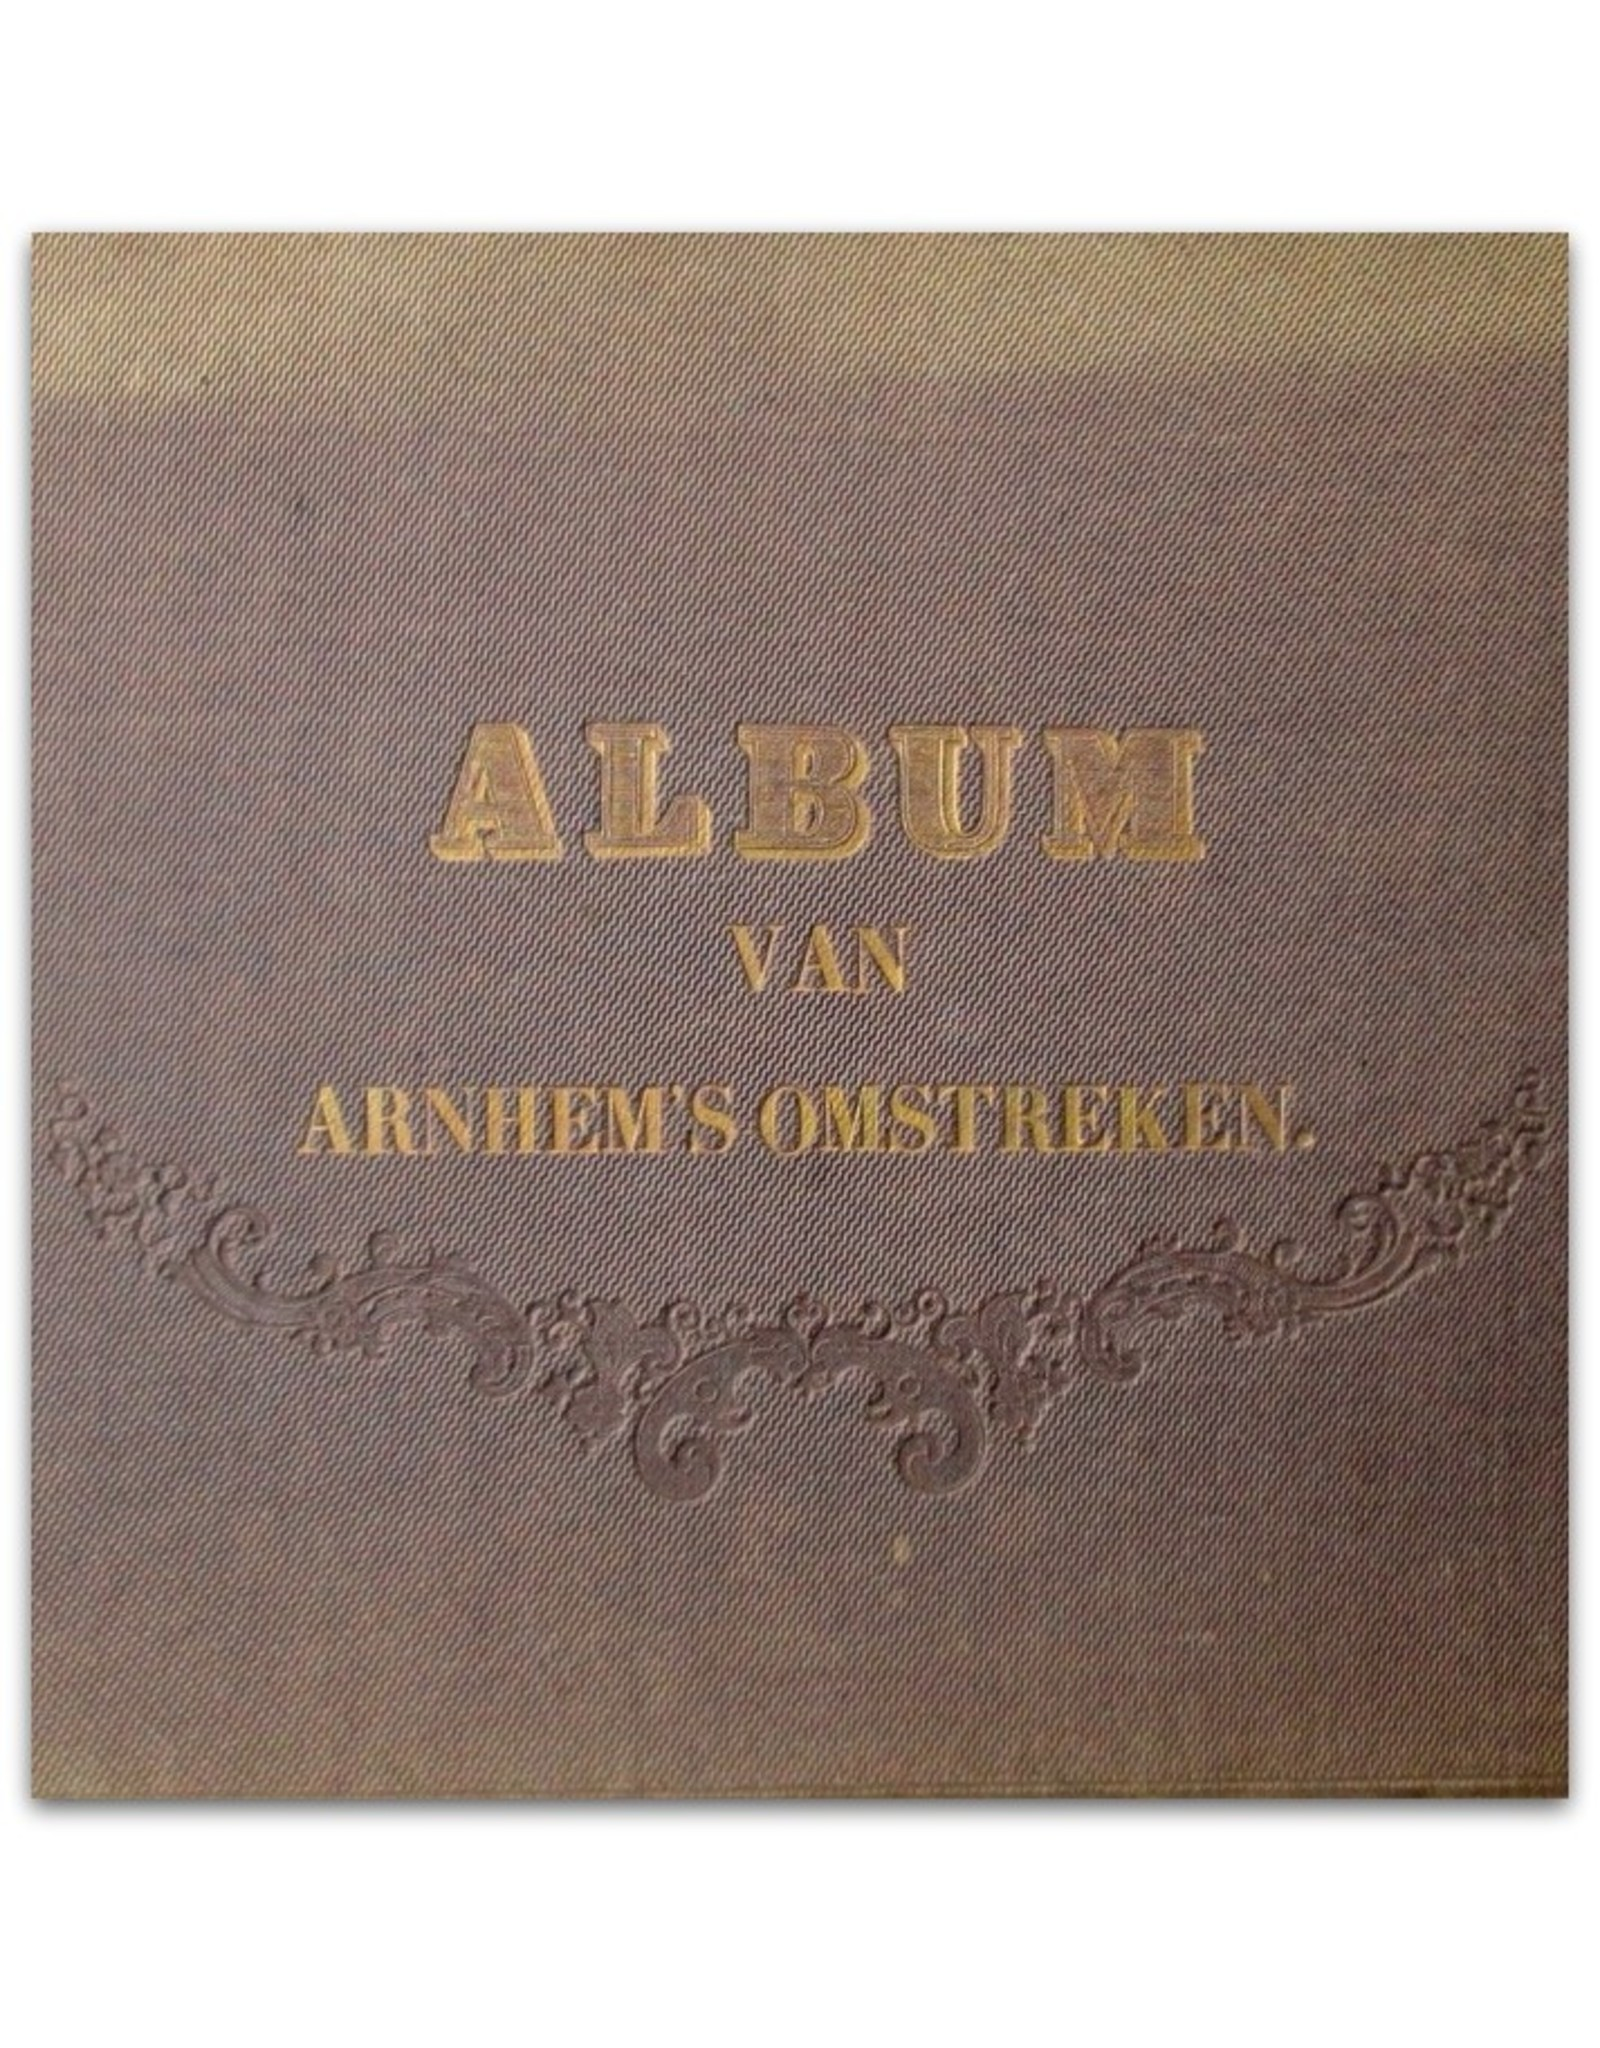 Voormaals en Heden. Album van Arnhem's omstreken, met historische [...] bijschriften